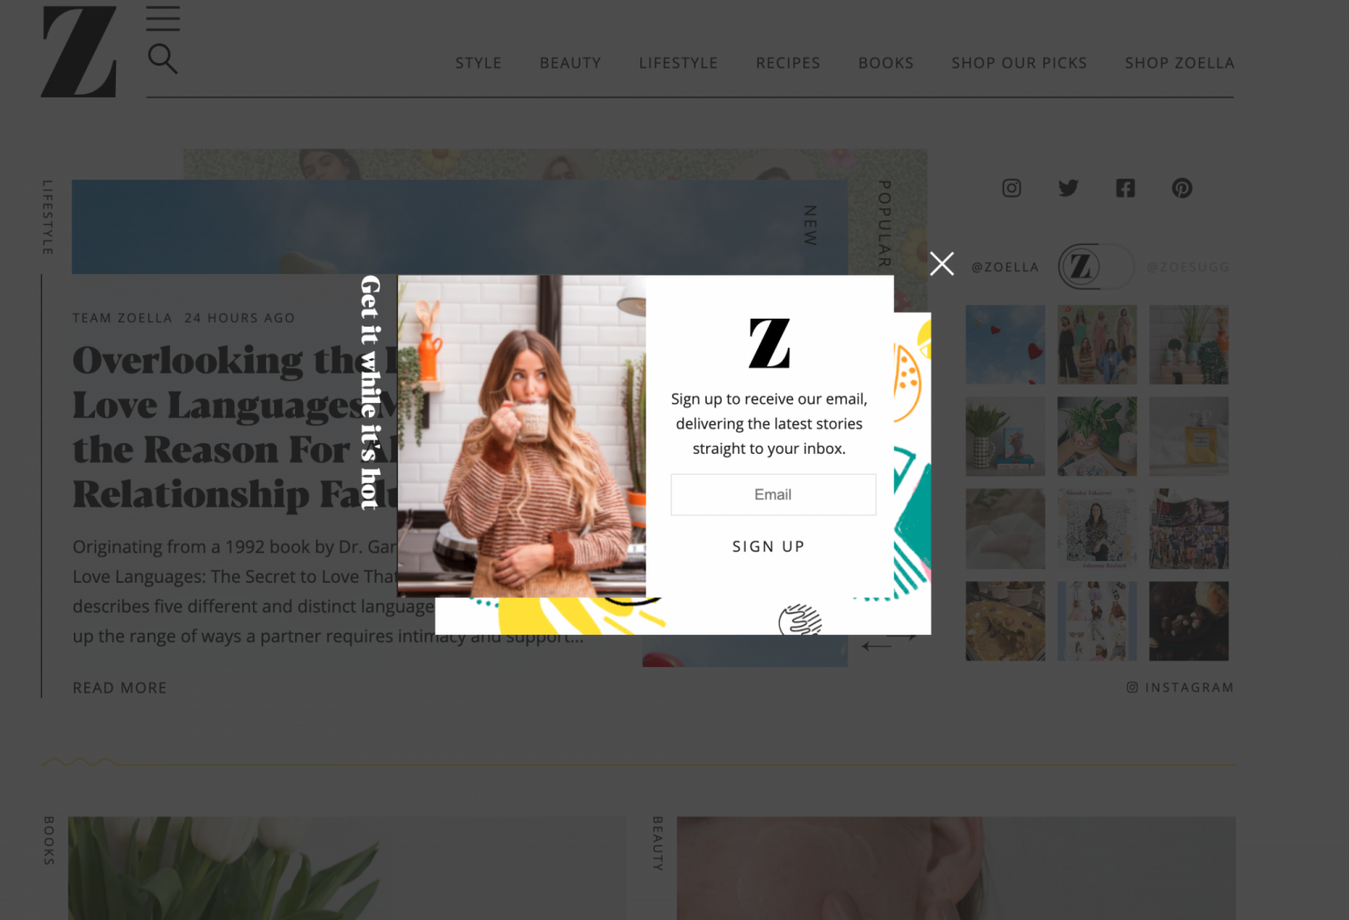 Zoella nieuwsbrief pop-up voorbeeld